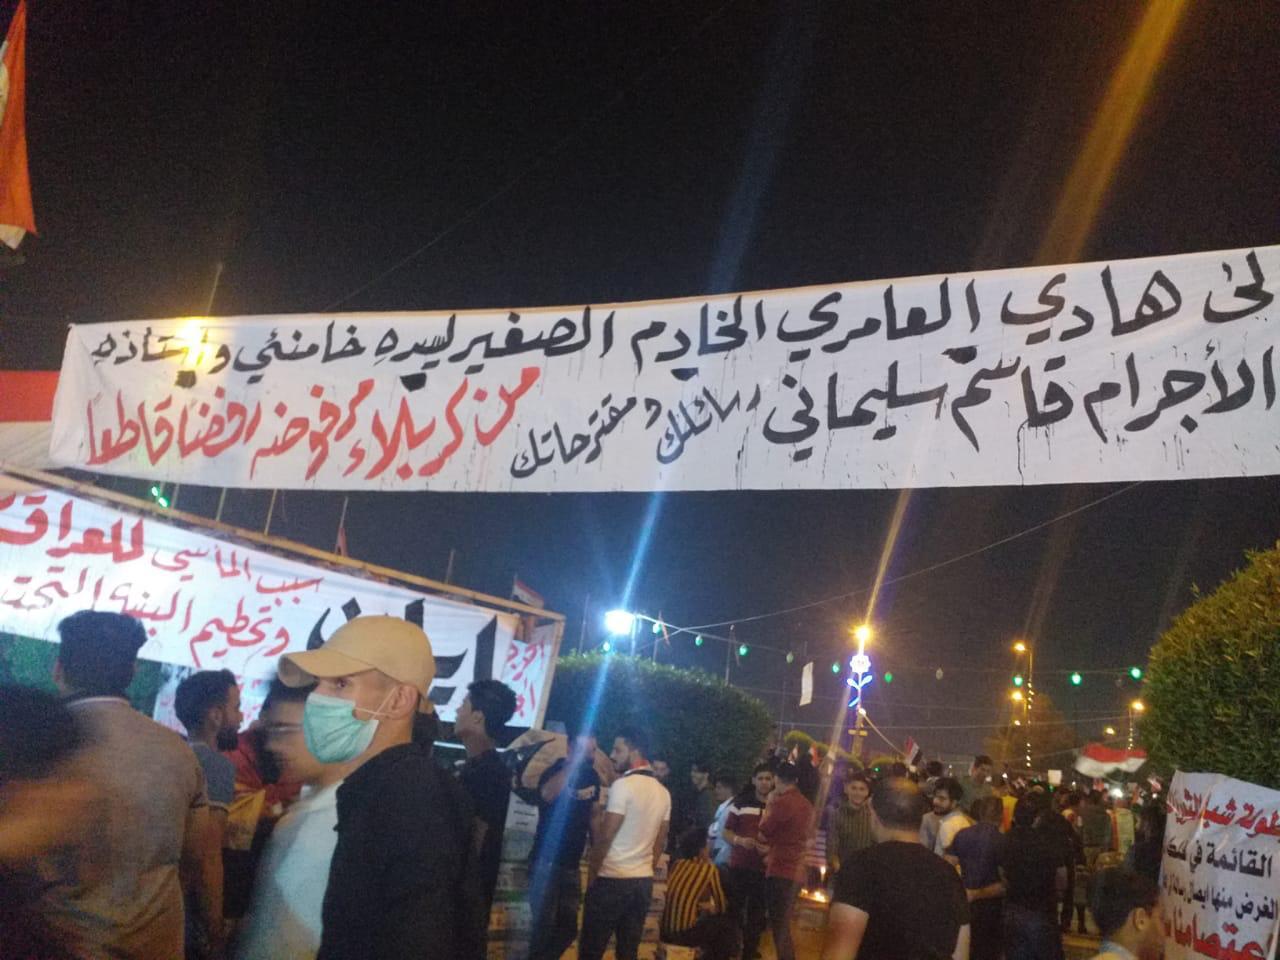 رفض غير مسبوق لإيران وسط بغداد والمحتجون ينتقلون للإضراب